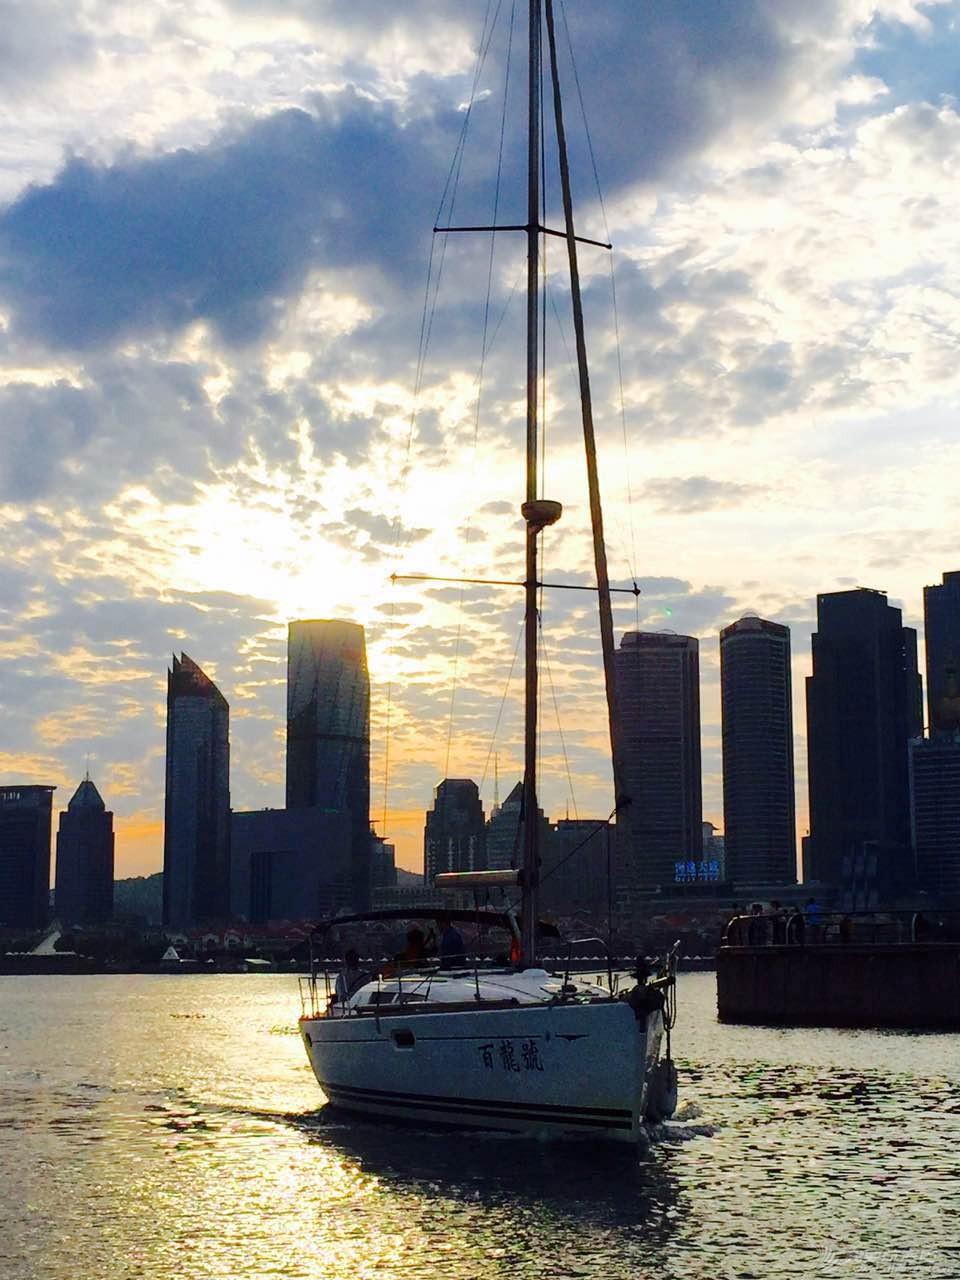 玩儿帆船是一种生活方式 IMG_9099.JPG